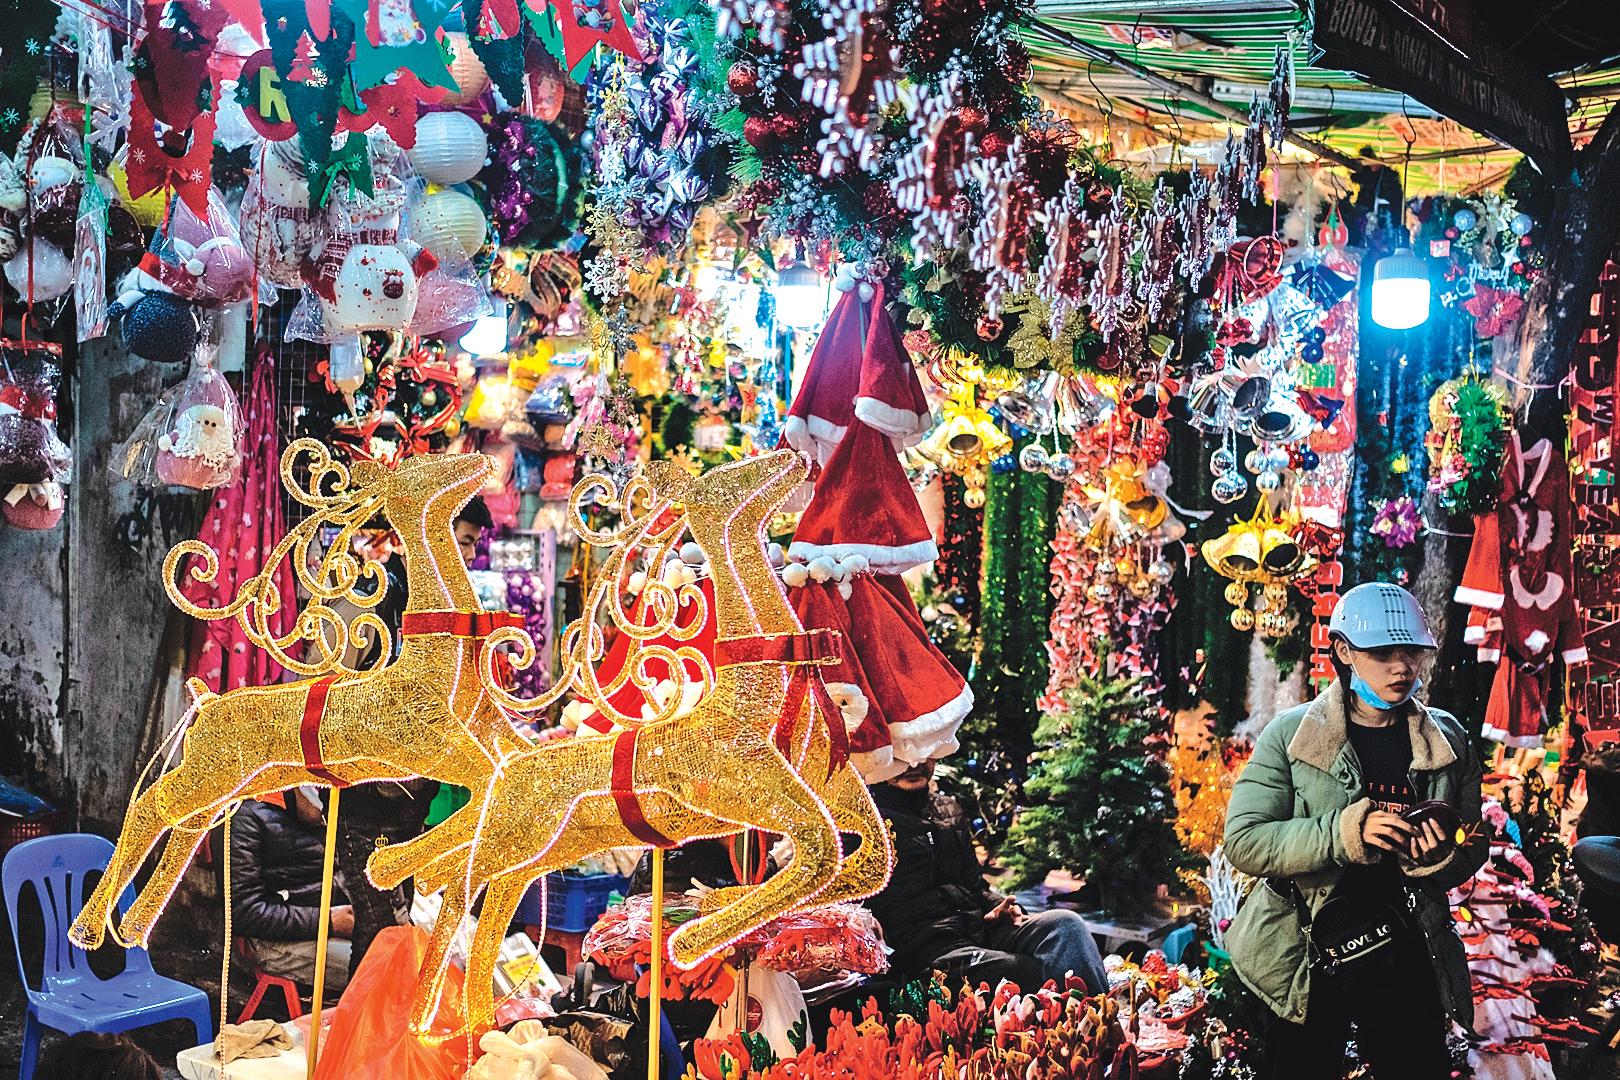 2019 年12月21日,越南河內商場內的聖誕裝飾物。(Getty Images)